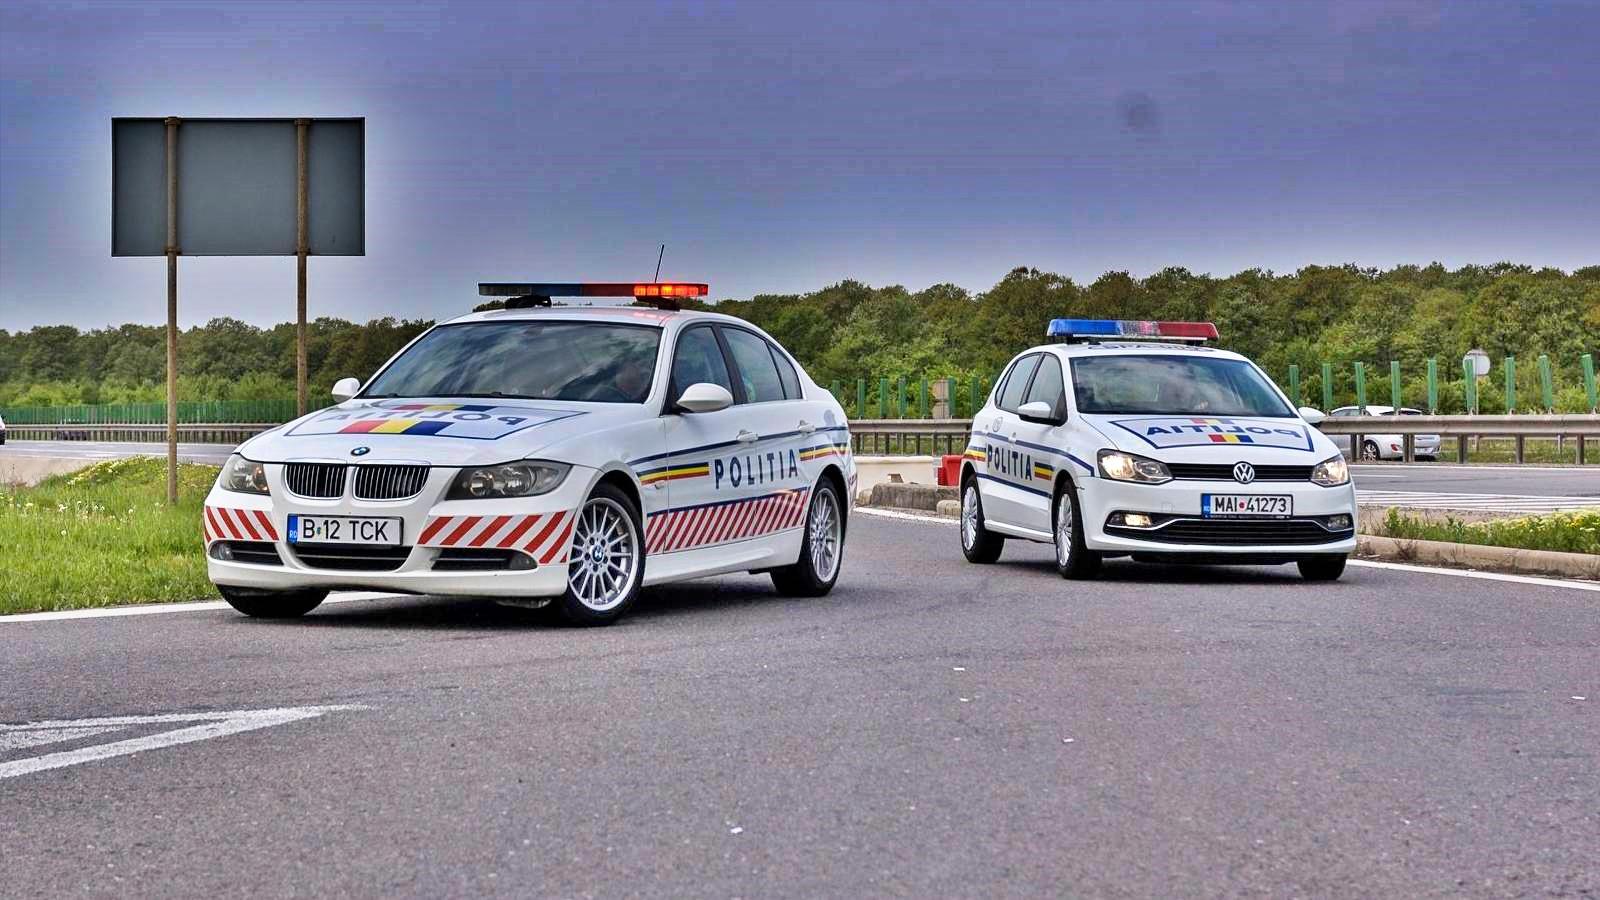 Politia Romana viteza 288 km h